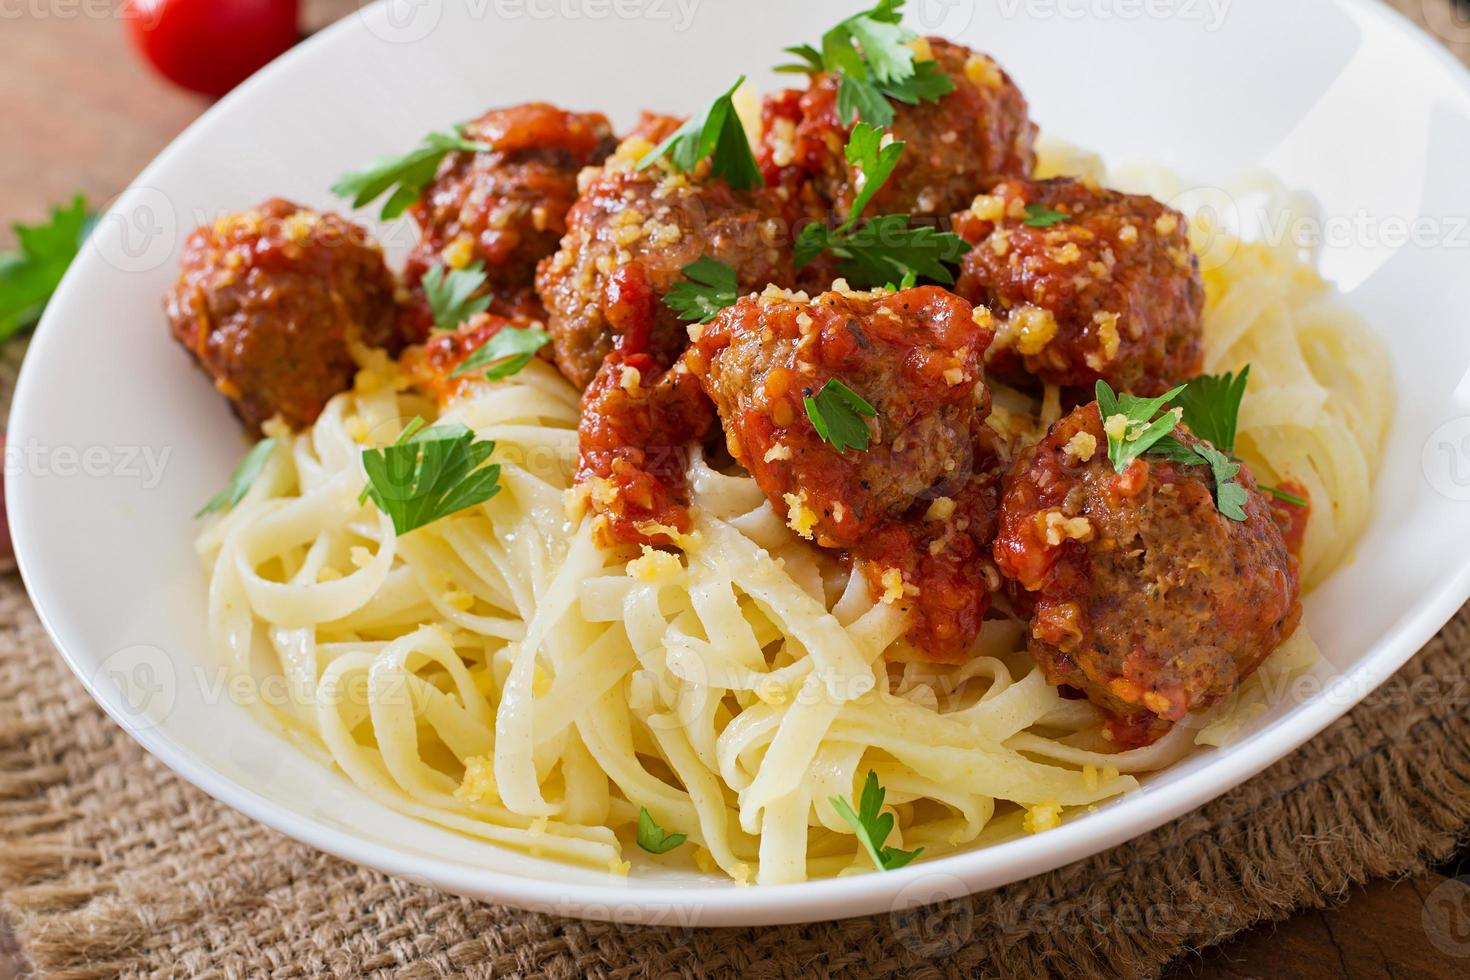 fettuccinapasta med köttbullar i tomatsås foto